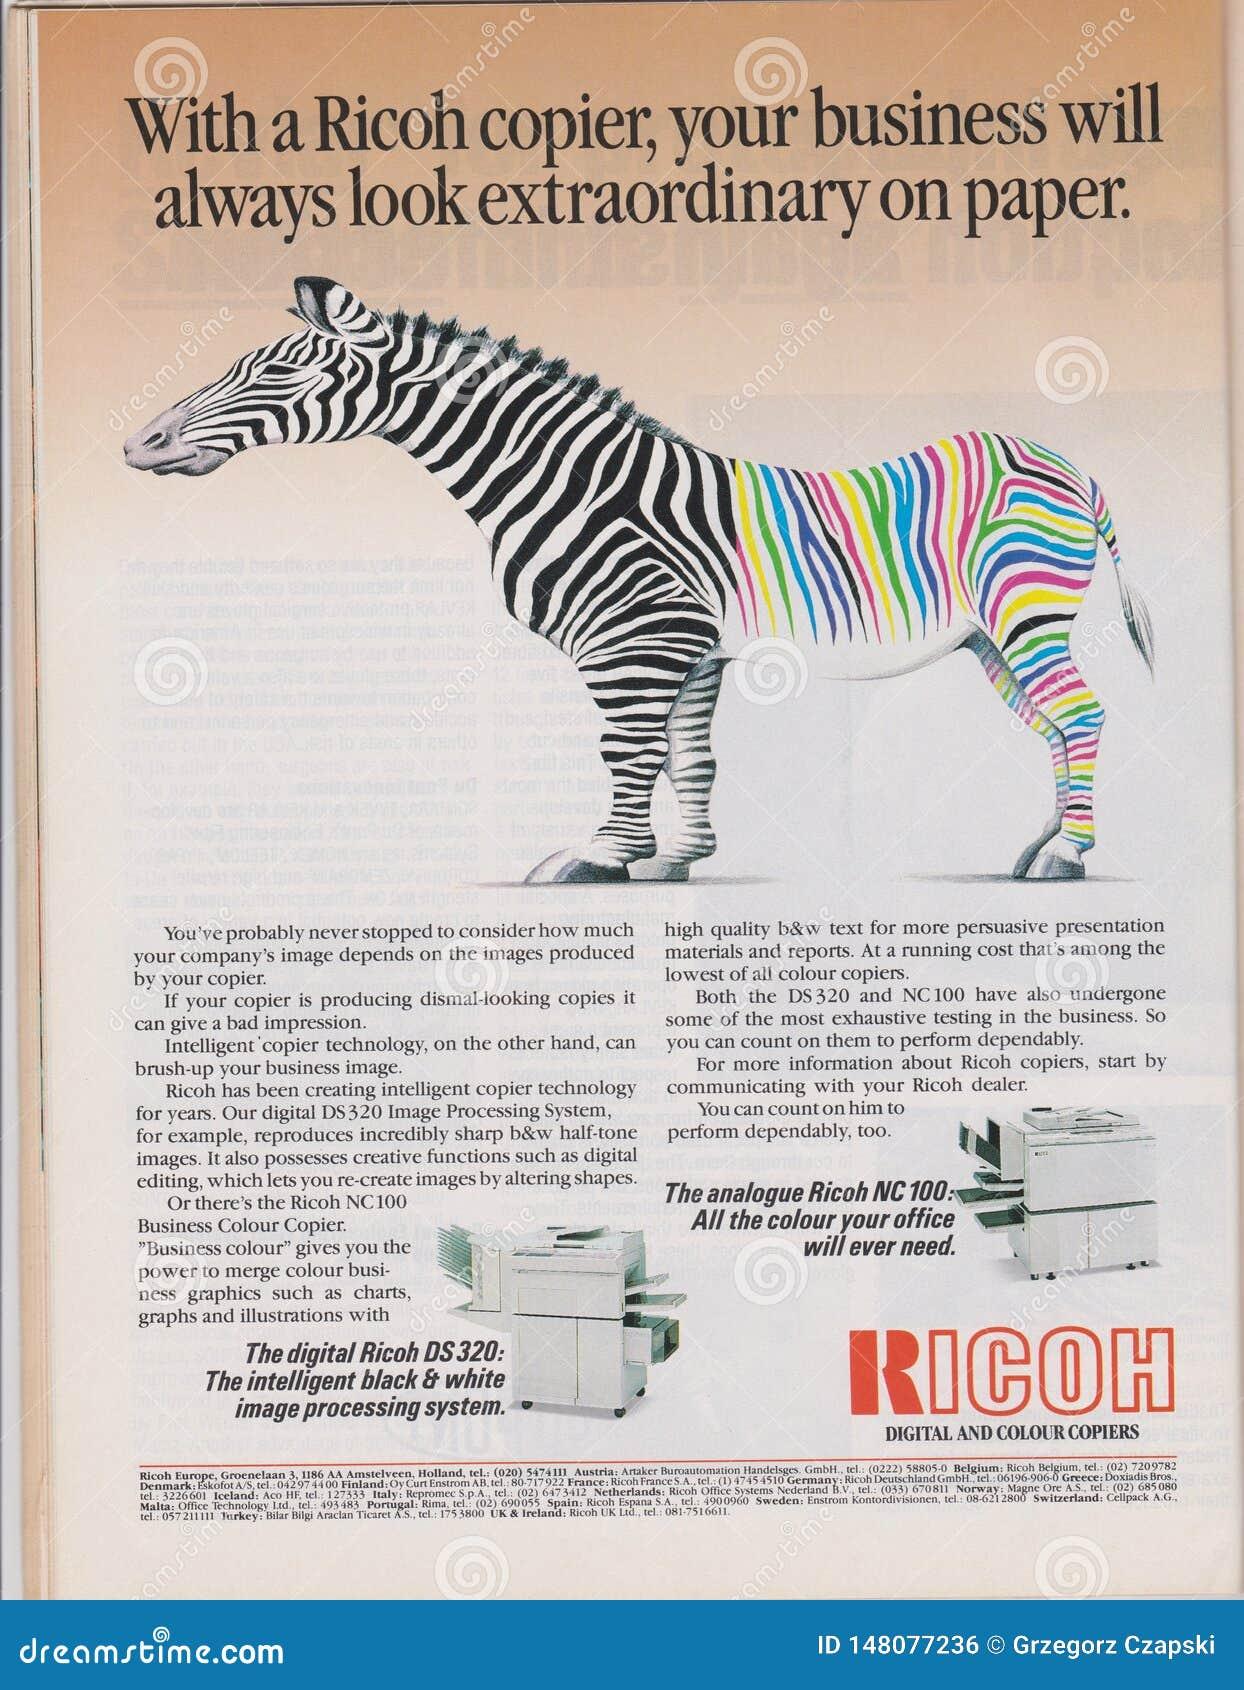 Publicité par affichage Ricoh numérique et machine de copieurs de couleur en magazine à partir de 1992